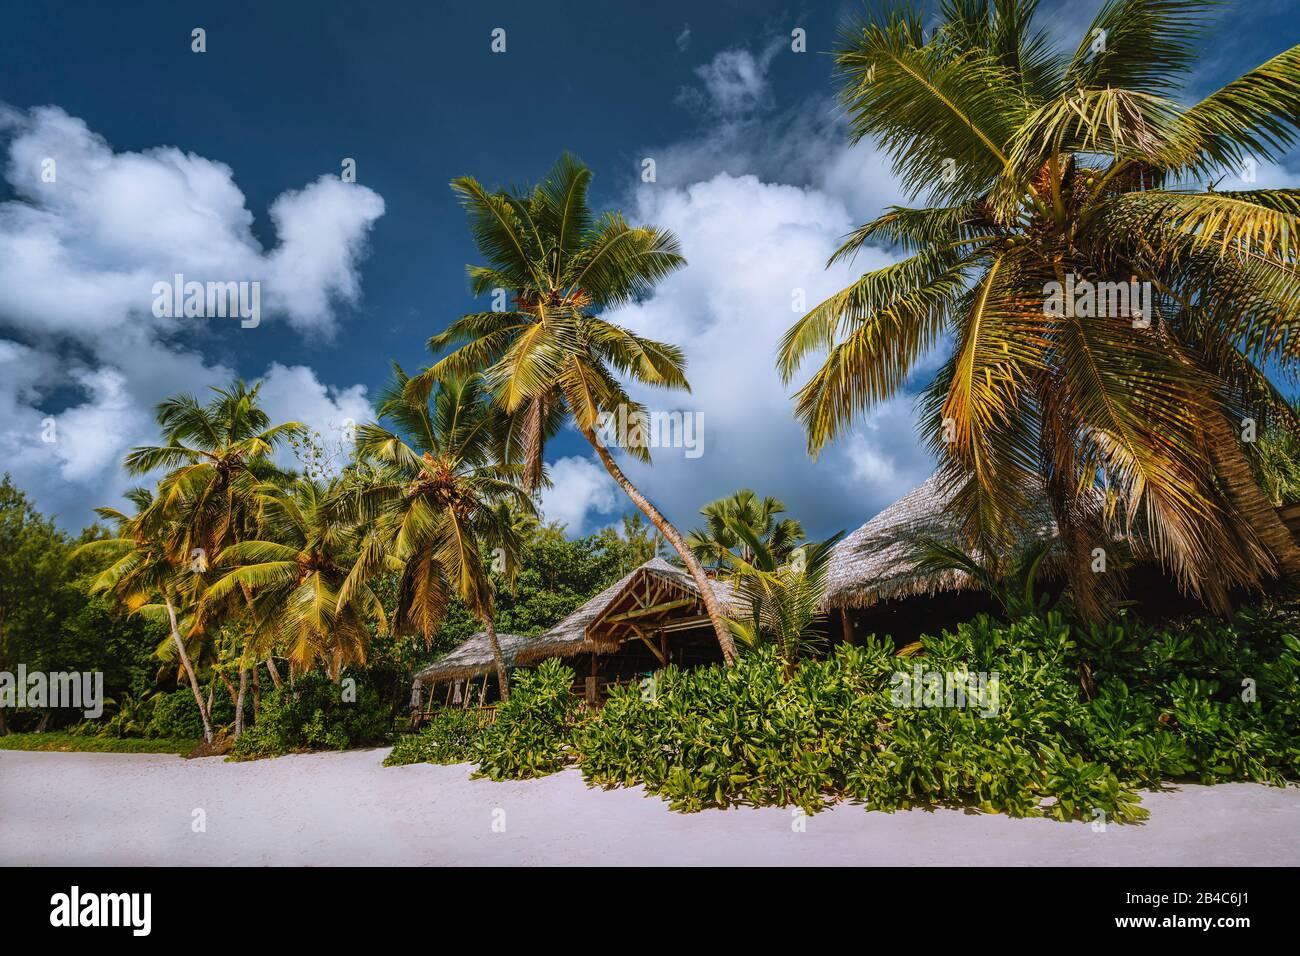 Paisaje de playa tropical con palmeras de coco y techos de paja. Vacaciones exóticas en el paraíso. Foto de stock